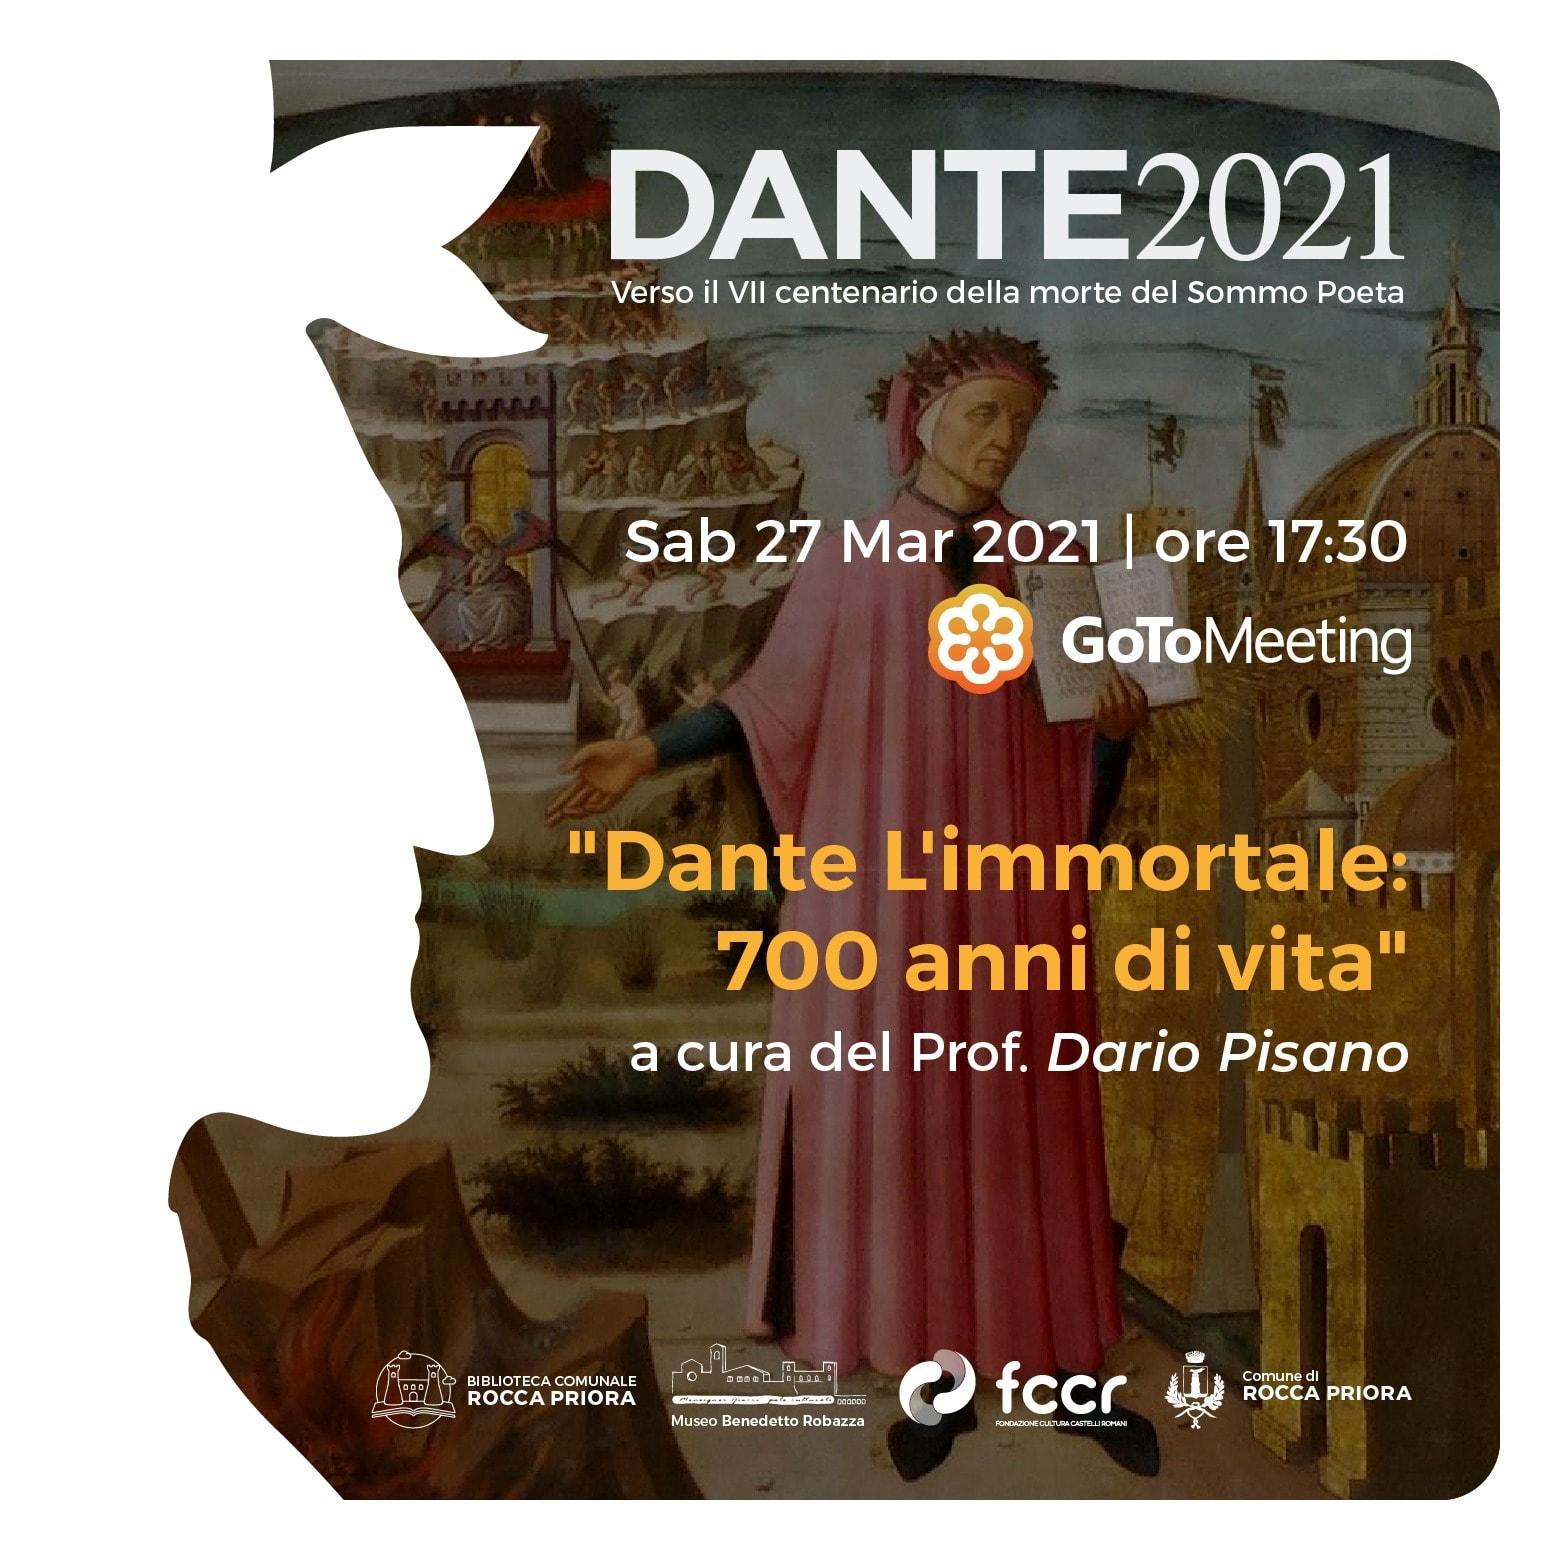 La giornata nazionale dedicata a Dante